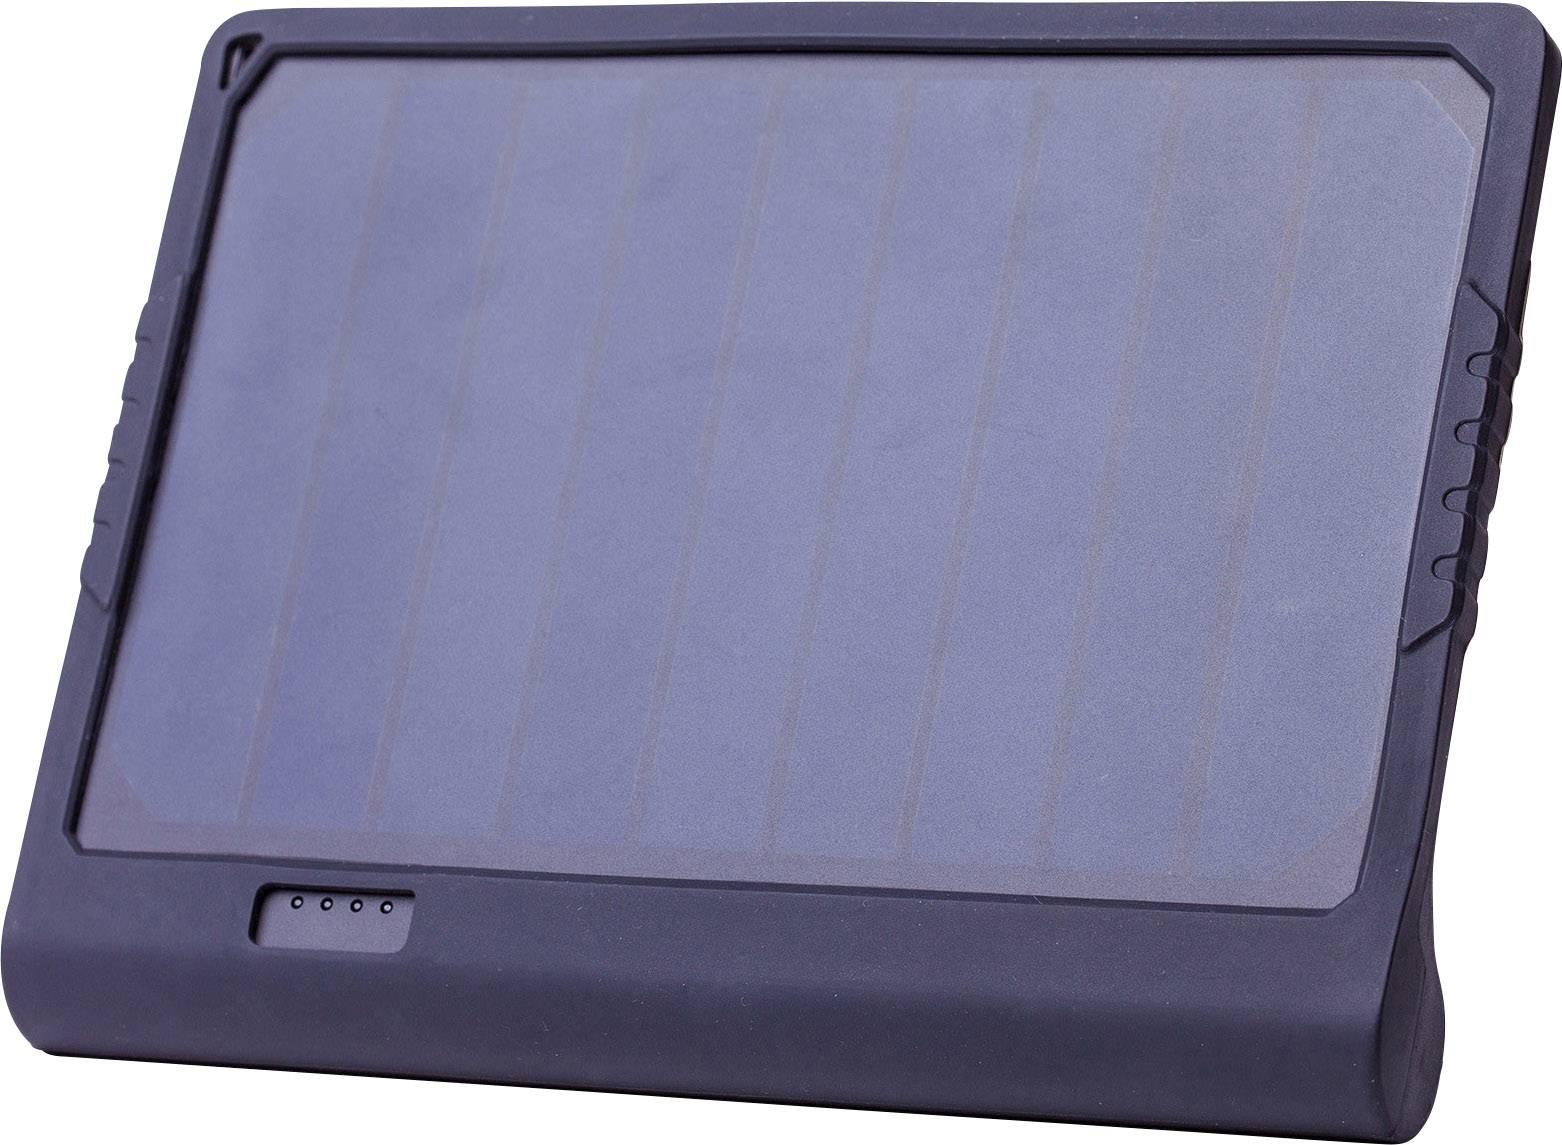 Solární nabíječka SunnyBag PowerTab 142A_01, 6000 mAh, 5 V